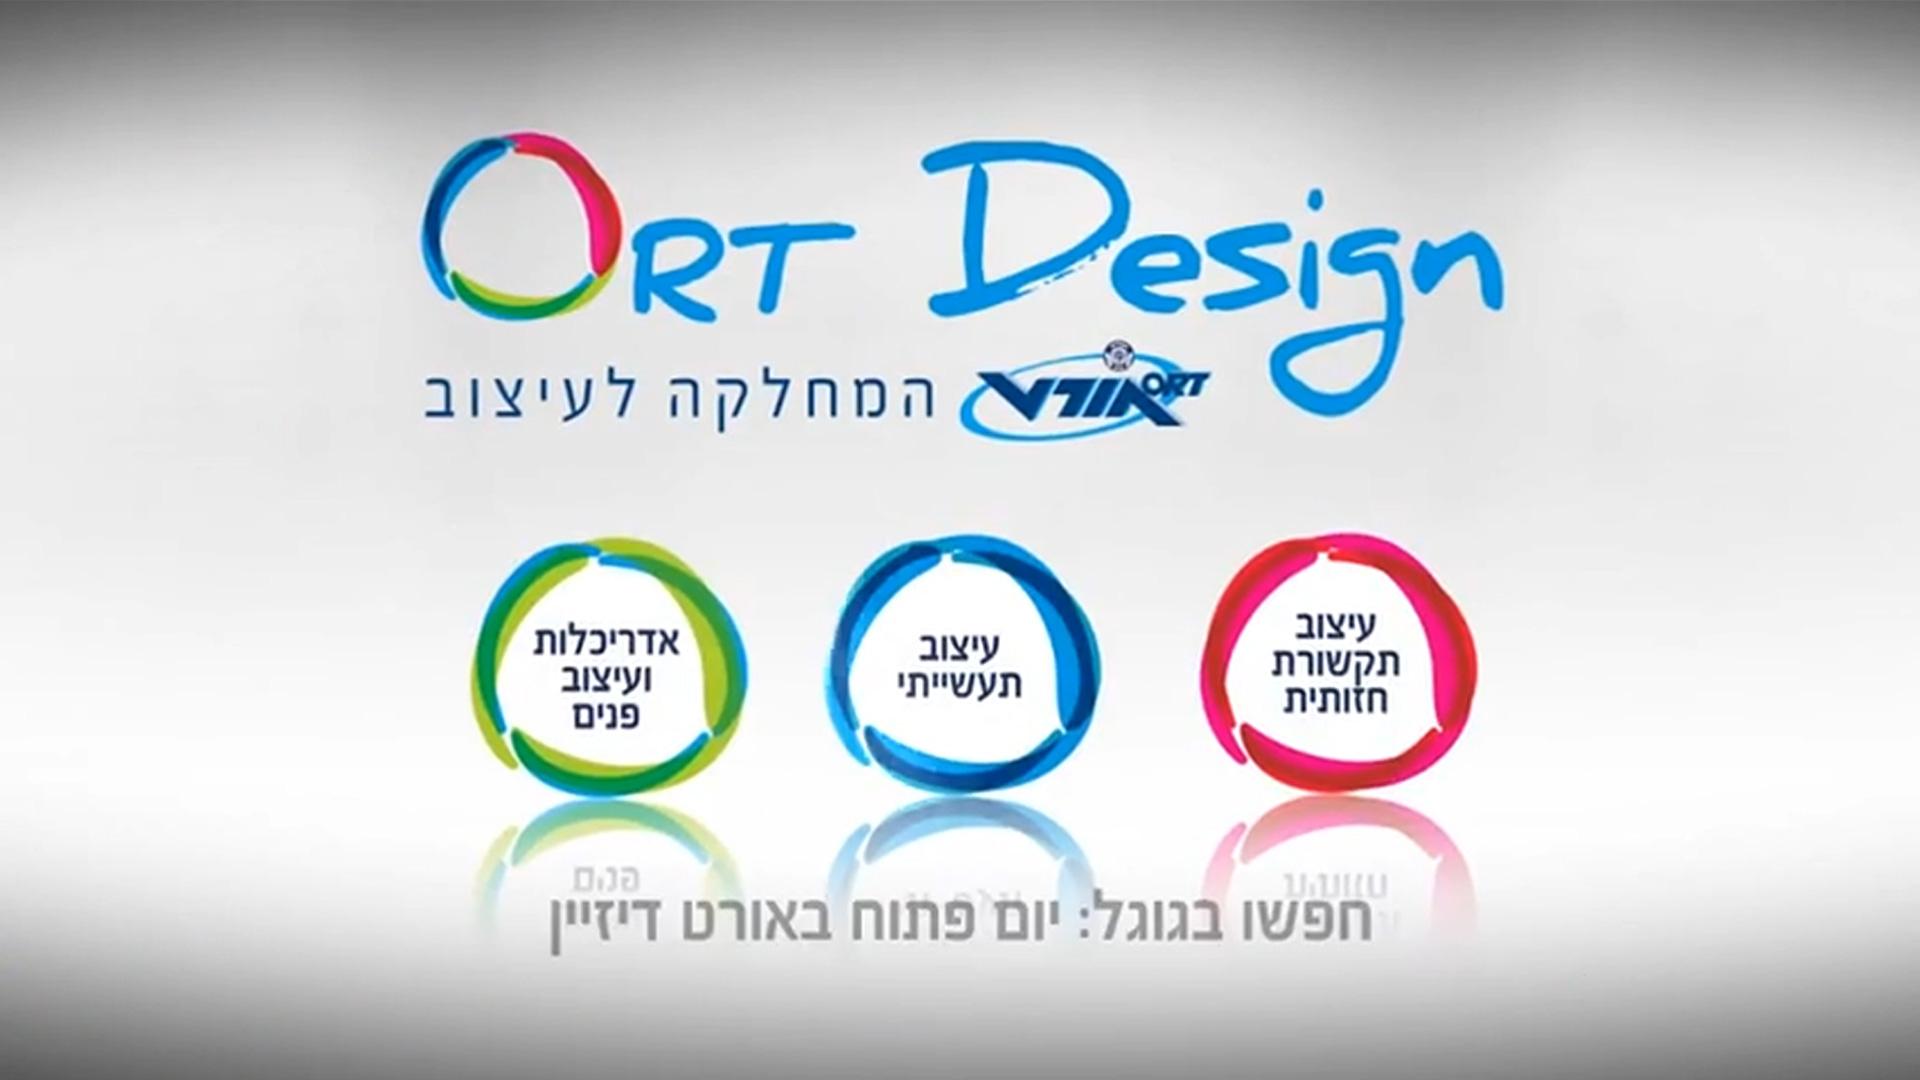 ort-design